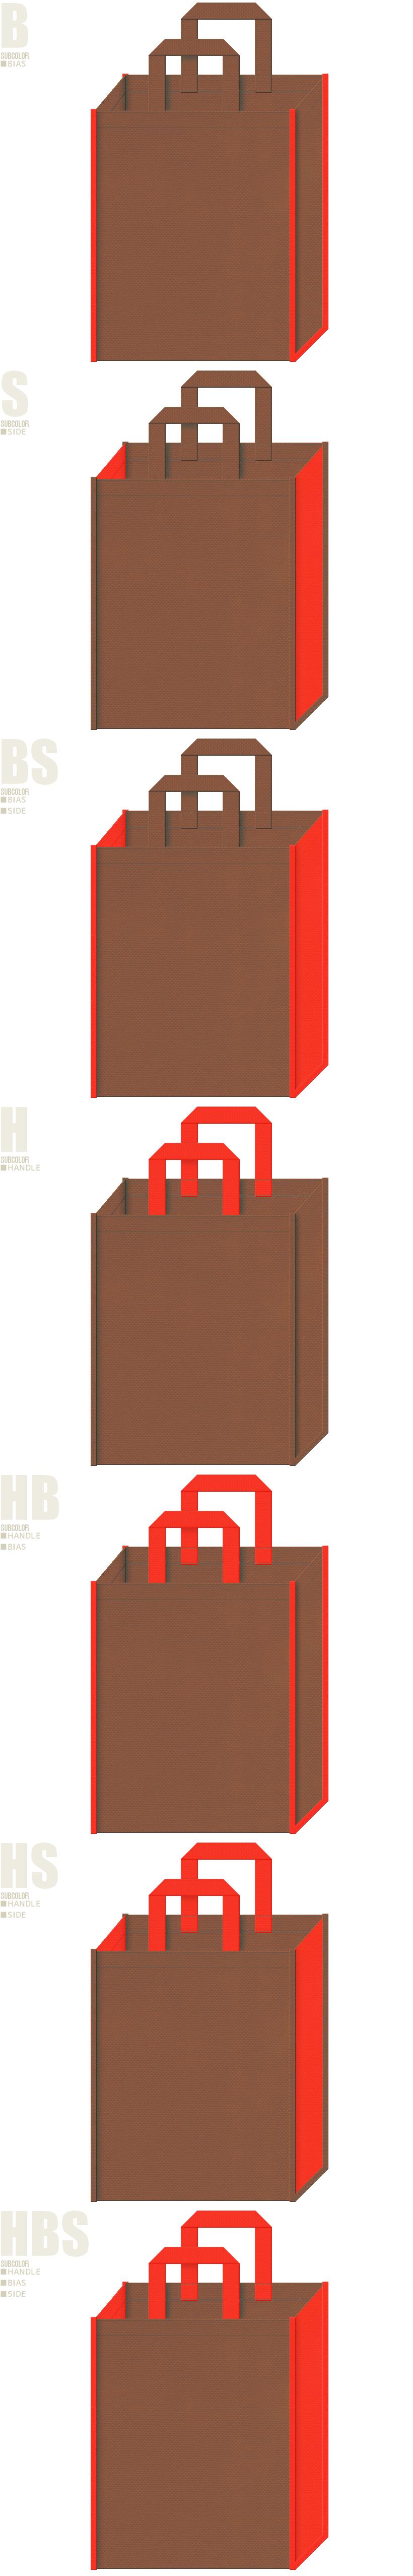 茶色とオレンジ色、7パターンの不織布トートバッグ配色デザイン例。